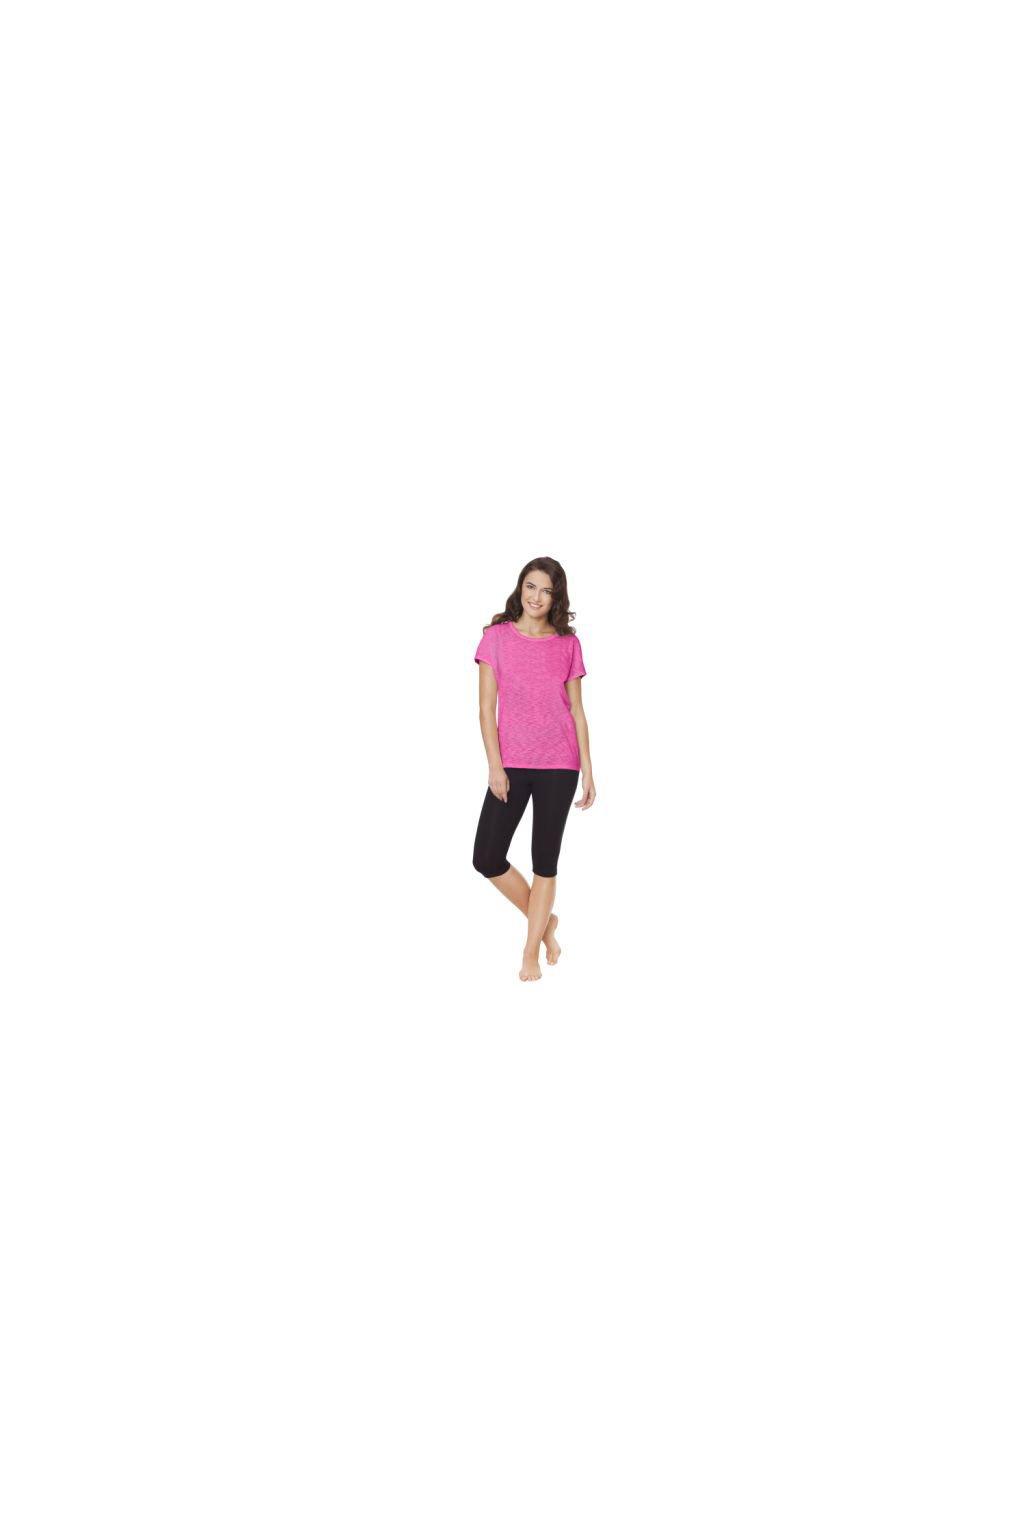 Dámské legíny s krátkými nohavicemi, 10108 29, černá